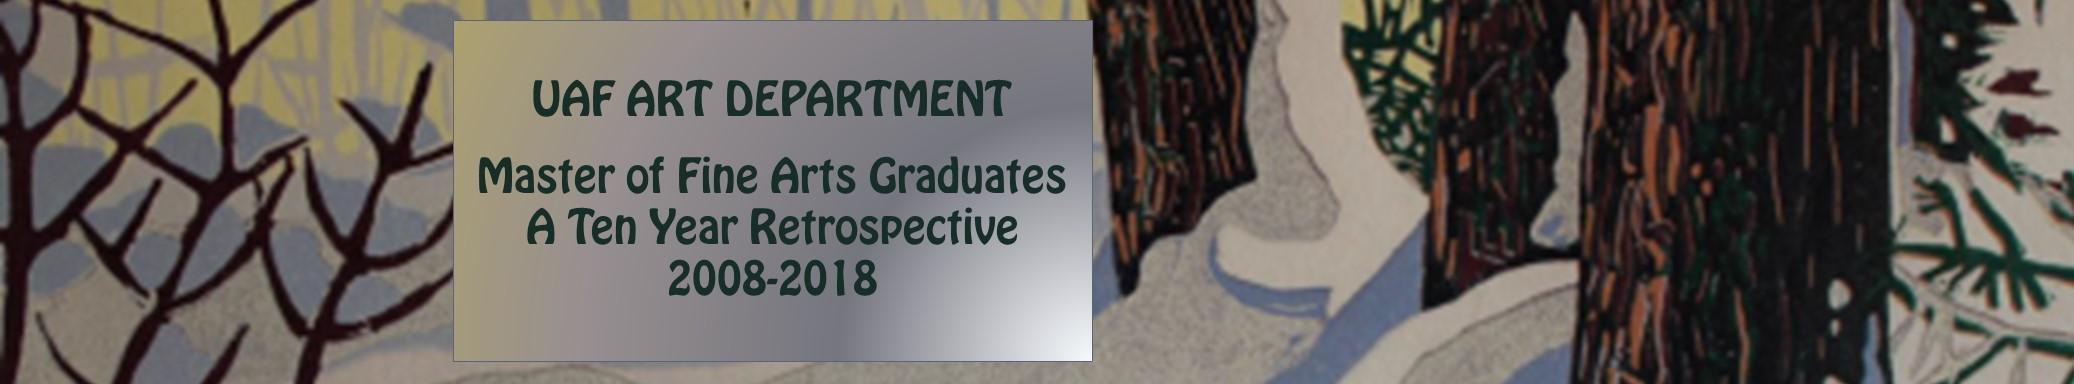 UAF Art Department Master of Fine Arts Graduates a Ten Year Retrospective 2008-2018